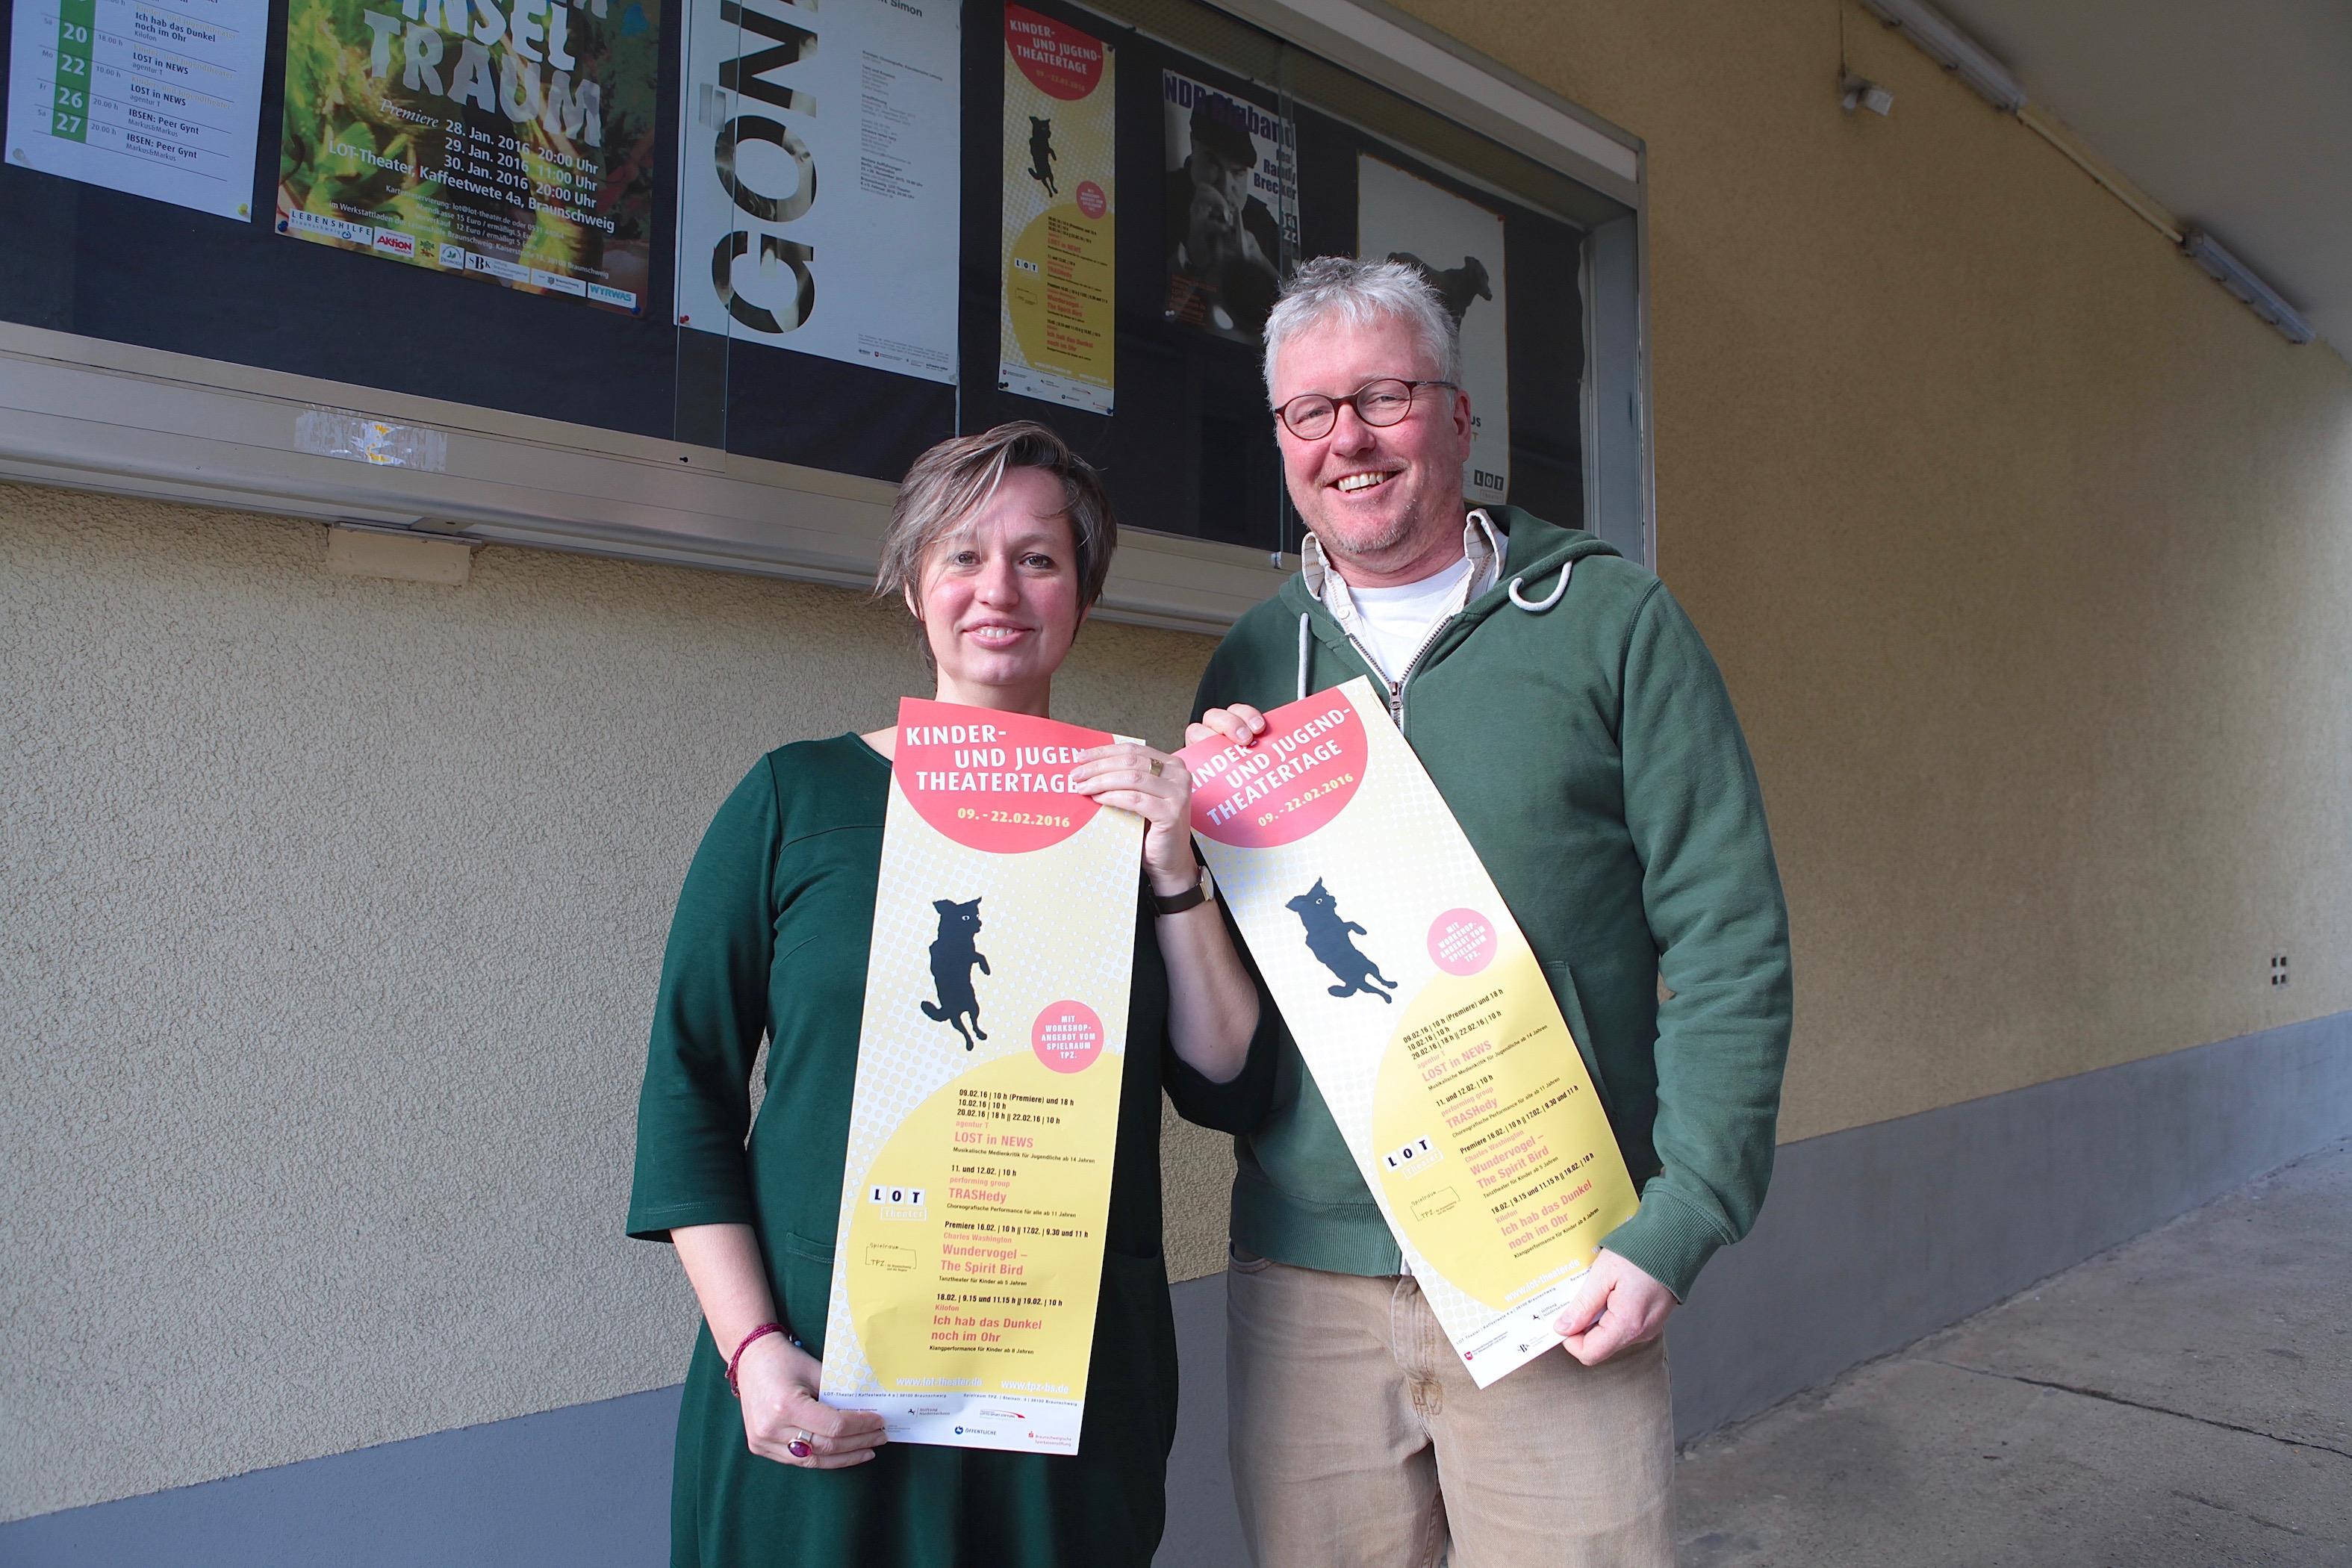 Stefanie Theis und Martin von Hoyningen Huene sind während eines Festivals in Göttingen auf die Idee zu den Kinder- und Jugendtheaterwochen gekommen. Foto: André Pause